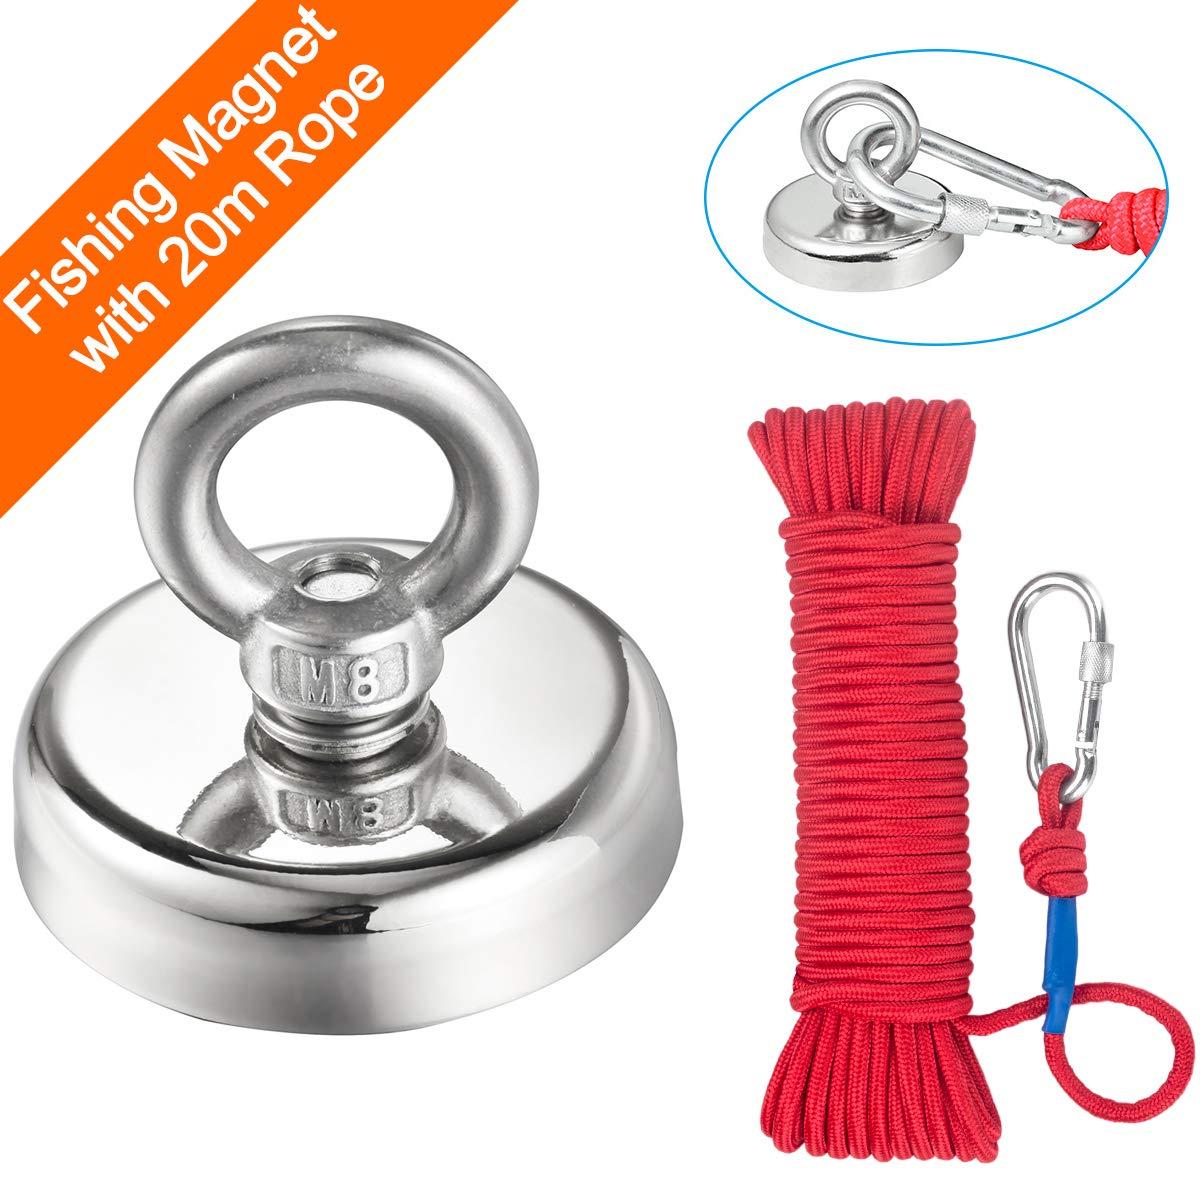 Wukong Magnetseil Durchmesser 6 mm//8 mm 20 m schweres Seil mit Sicherheitsverschluss sicher und langlebig